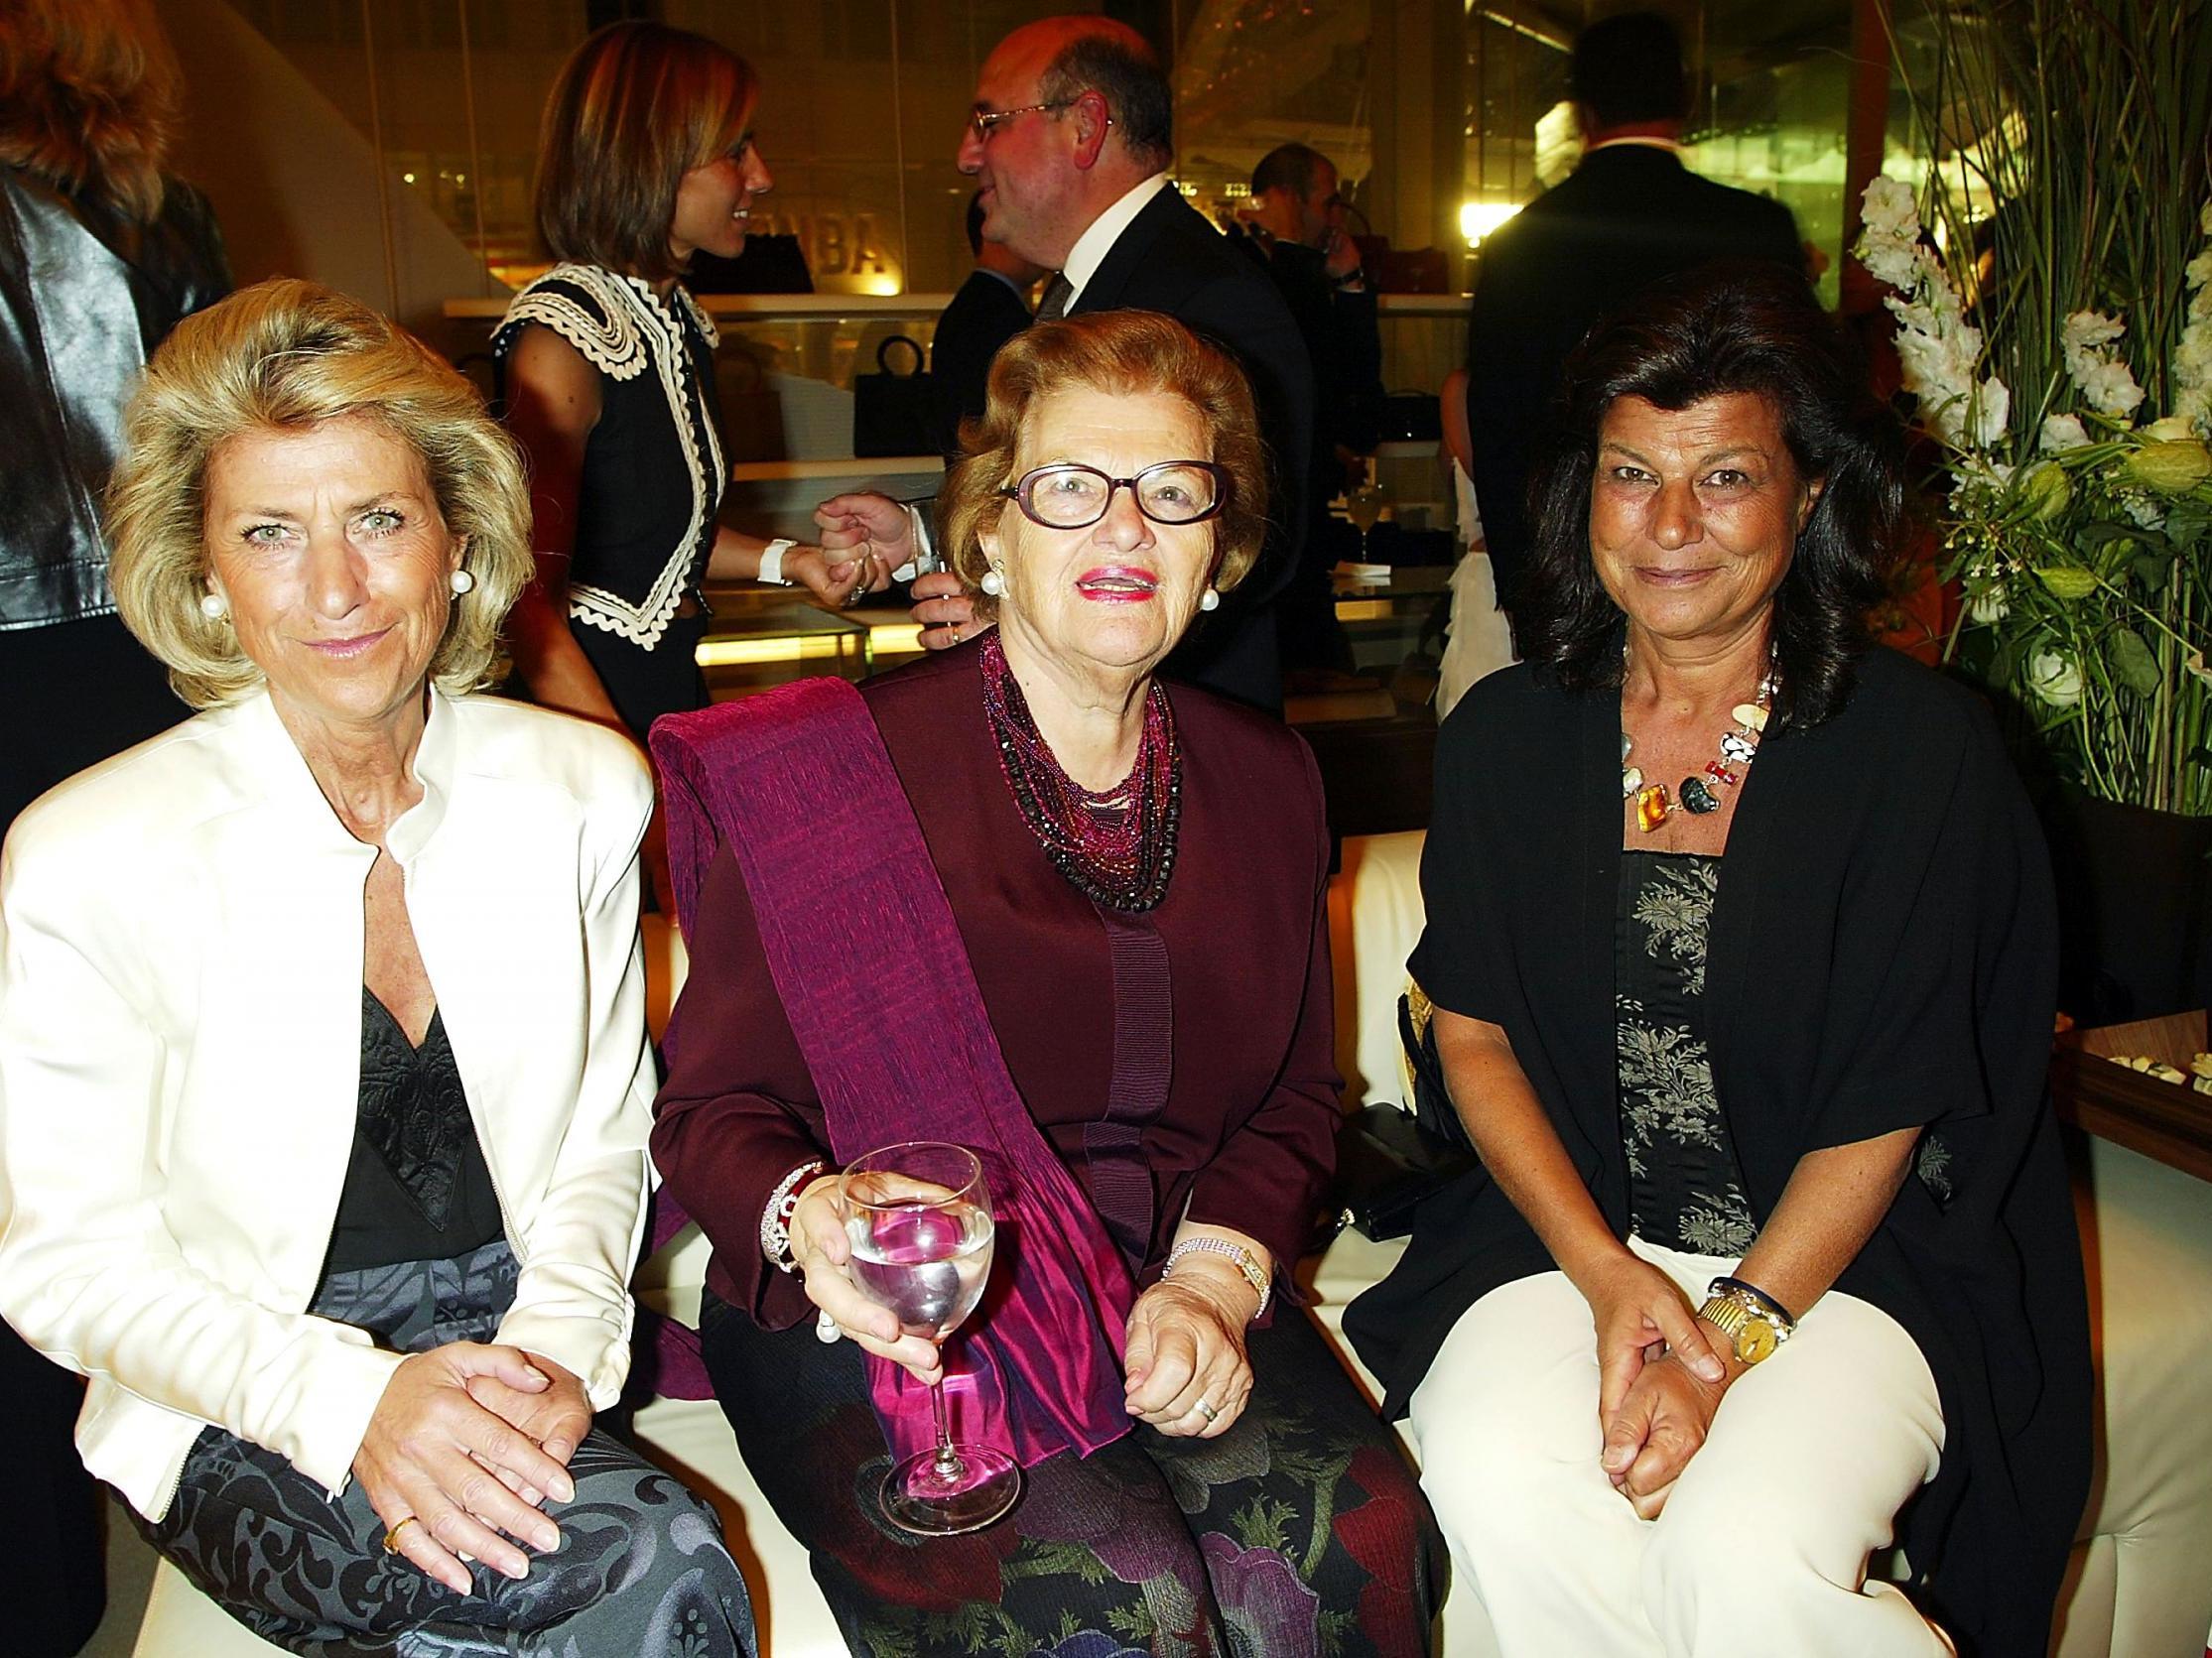 Wanda Ferragamo  matriarch behind the Salvatore Ferragamo fashion brand  9170a22b1cc8e